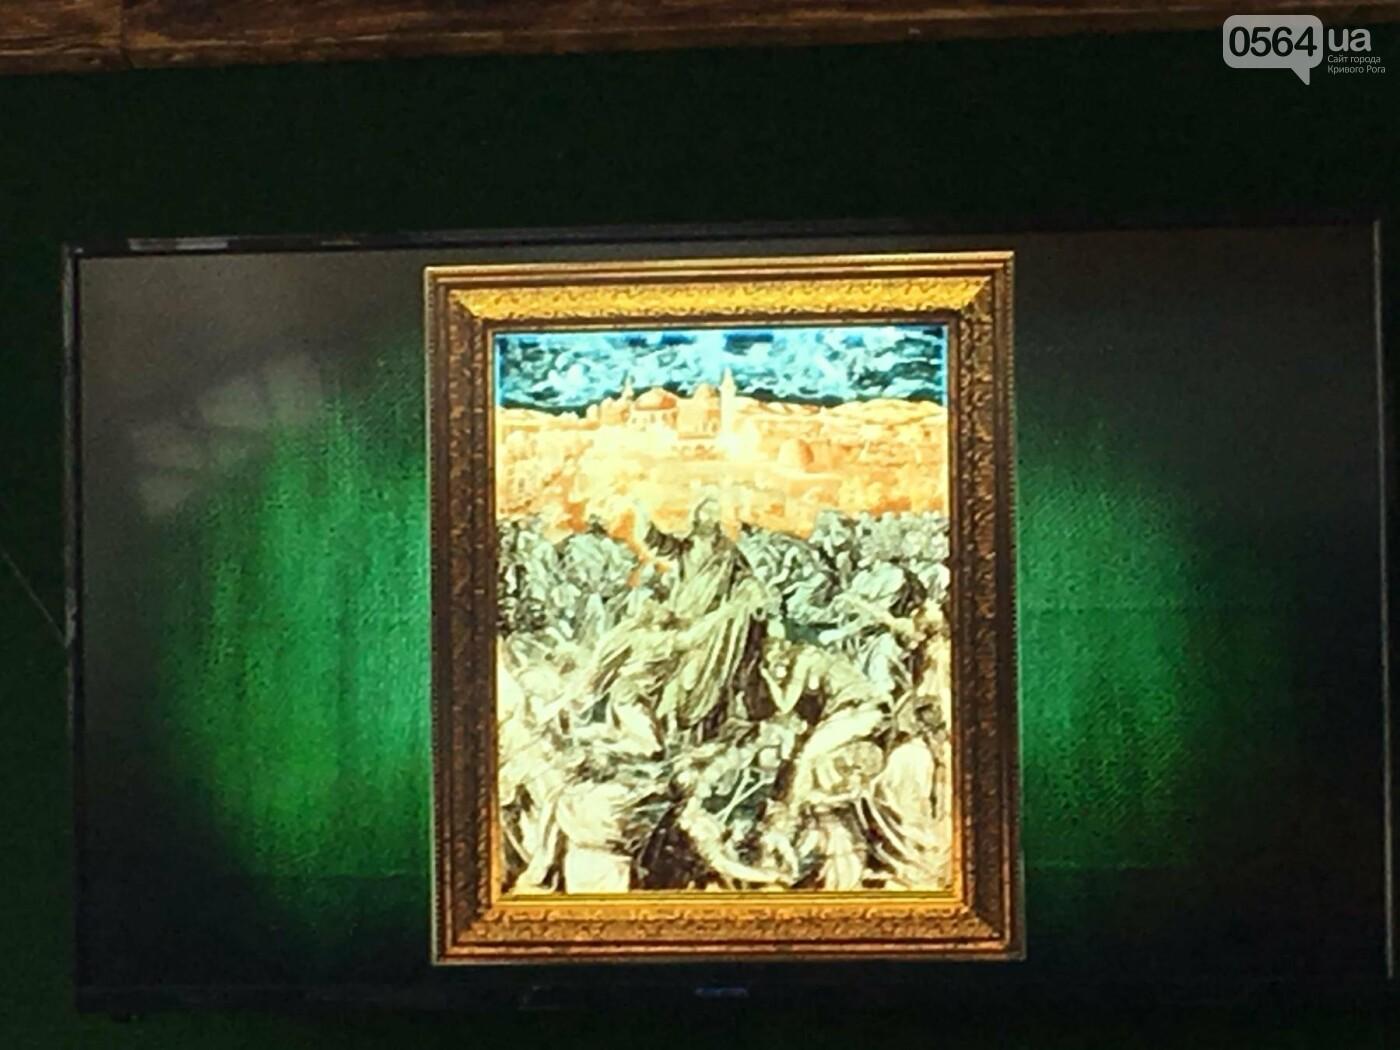 """Перед отправкой в Европу криворожанам презентовали картины """"Тайная вечеря"""" и """"Рыцарь, смерть и дьявол"""", - ФОТО, ВИДЕО, фото-8"""